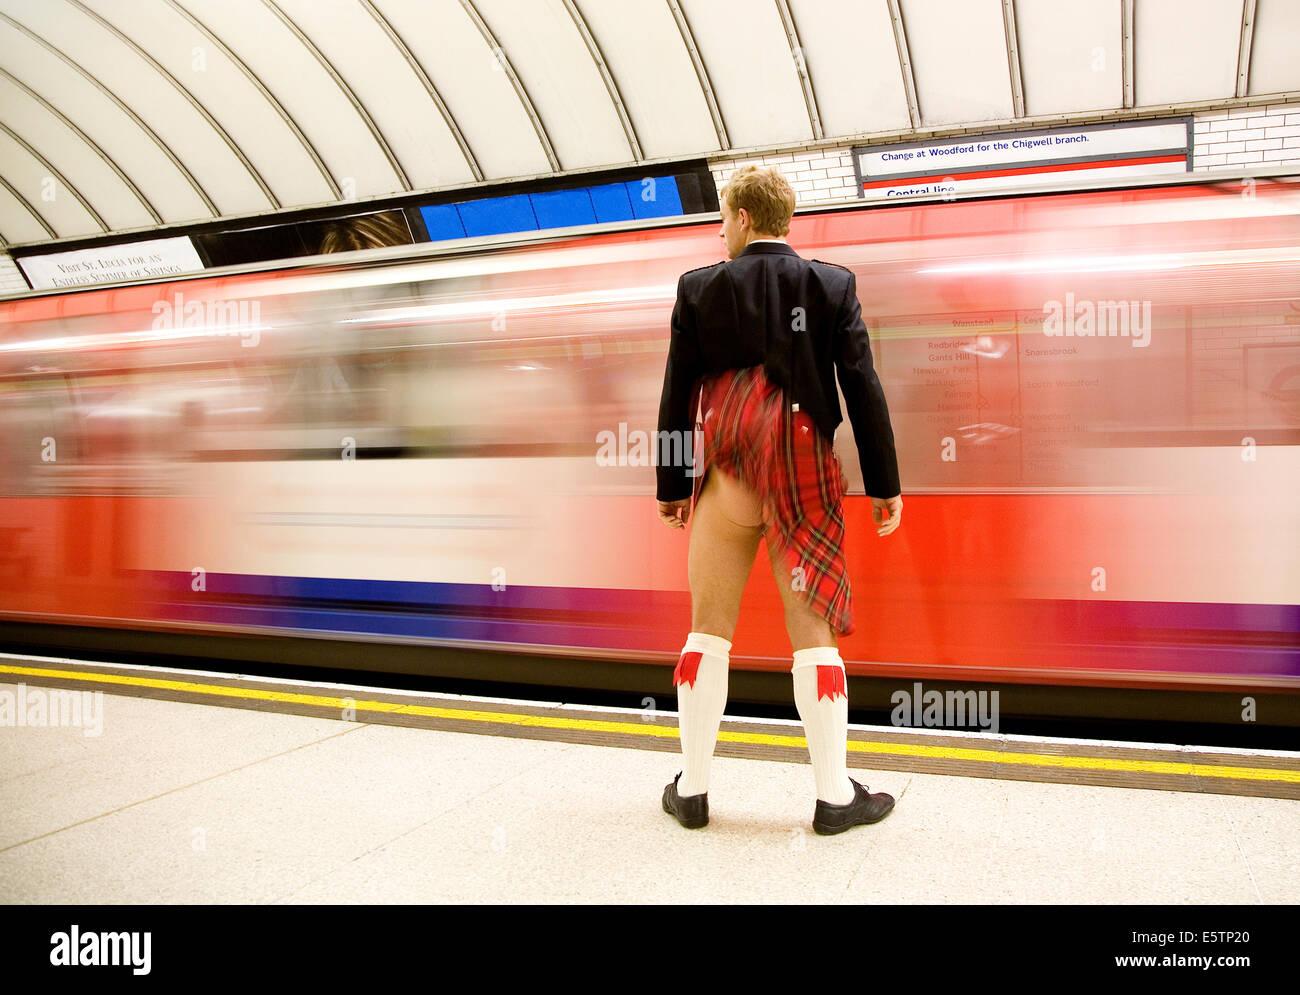 Kilt in den Wind bläst wie Rohr Zug in den Bahnhof enthüllt einen nackten Hintern kommt Stockbild